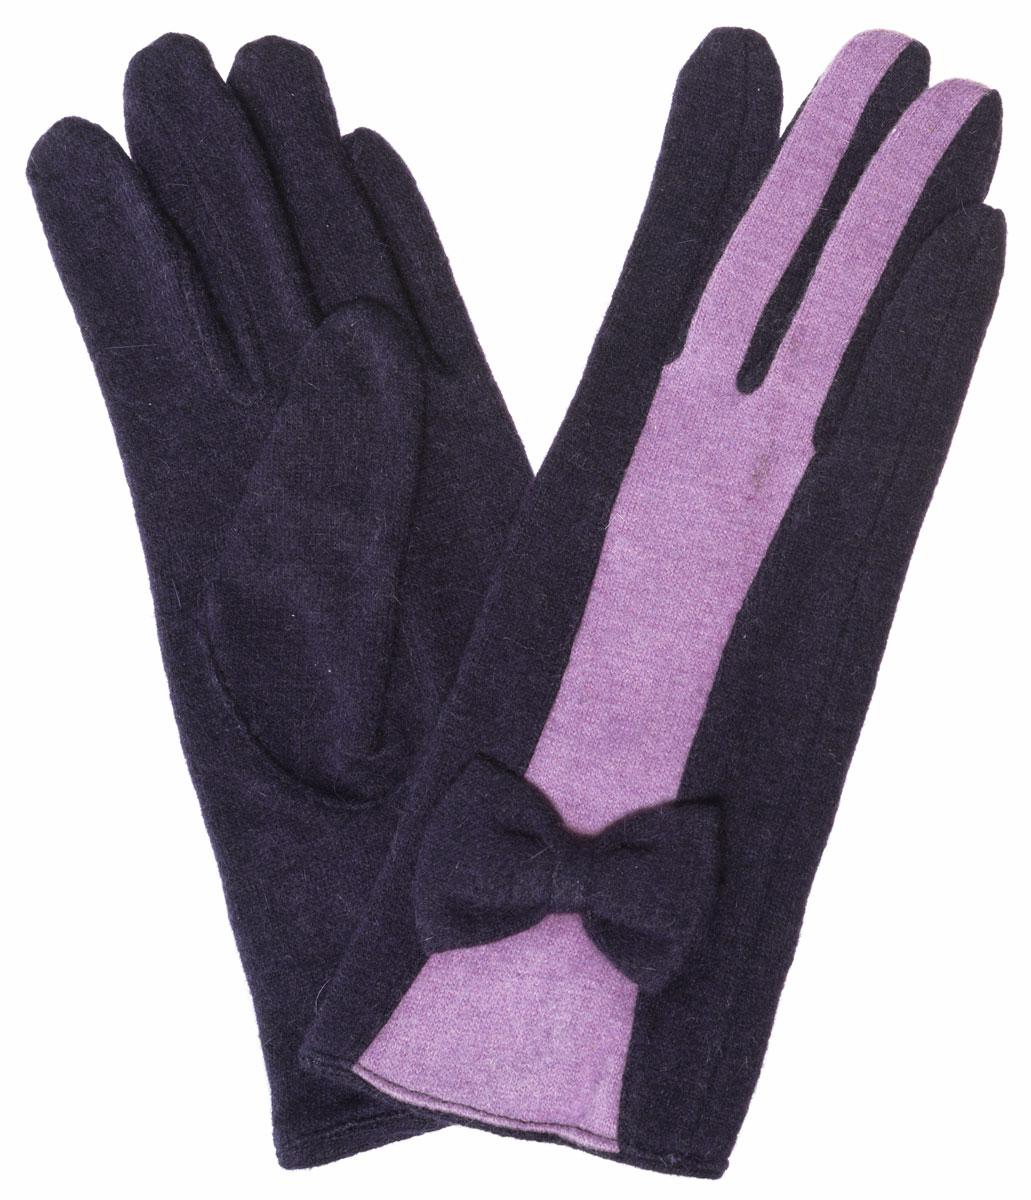 Перчатки женские. LB-PH-39LB-PH-39Элегантные женские перчатки Labbra станут великолепным дополнением вашего образа и защитят ваши руки от холода и ветра во время прогулок. Перчатки выполнены из плотного шерстяного трикотажа. Модель оформлена декоративным бантиком на манжете и контрастным переходом цветов на лицевой стороне модели. Такие перчатки будут оригинальным завершающим штрихом в создании современного модного образа, они подчеркнут ваш изысканный вкус и станут незаменимым и практичным аксессуаром.